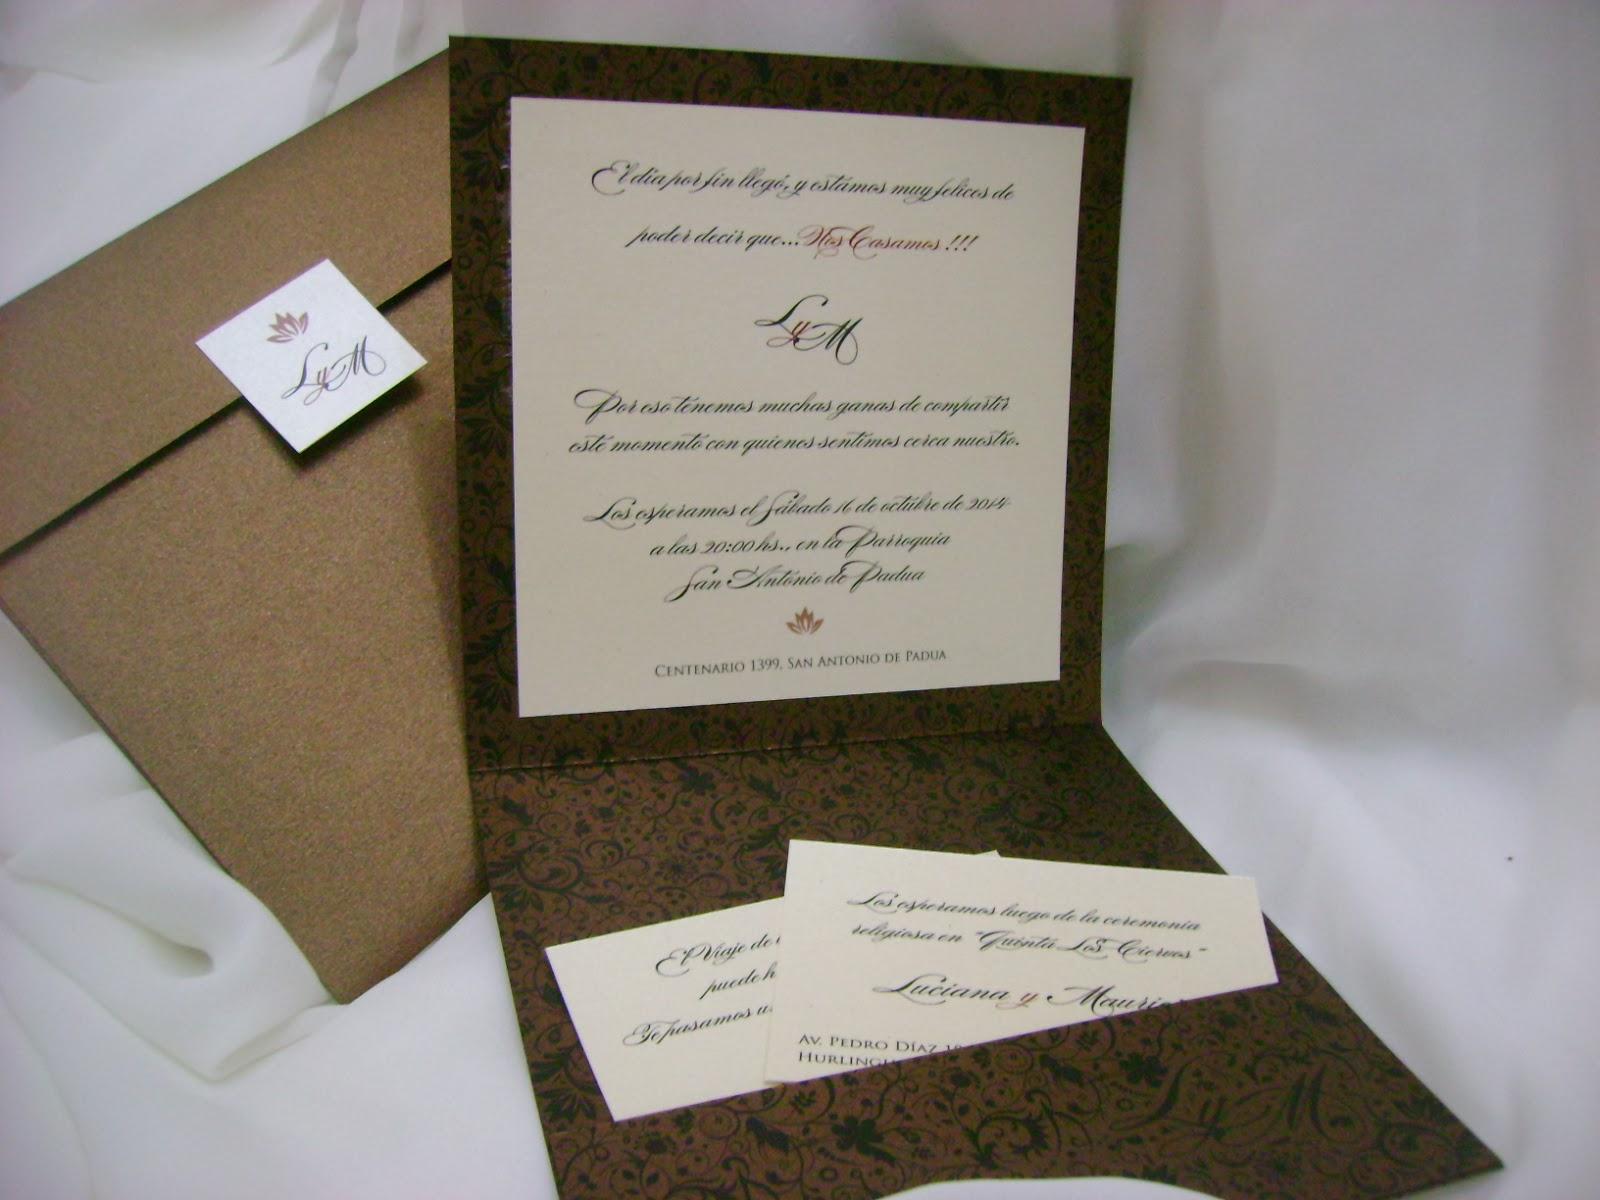 Invitaciones y tarjetas de casamiento - Tarjetas de invitacion de boda originales ...